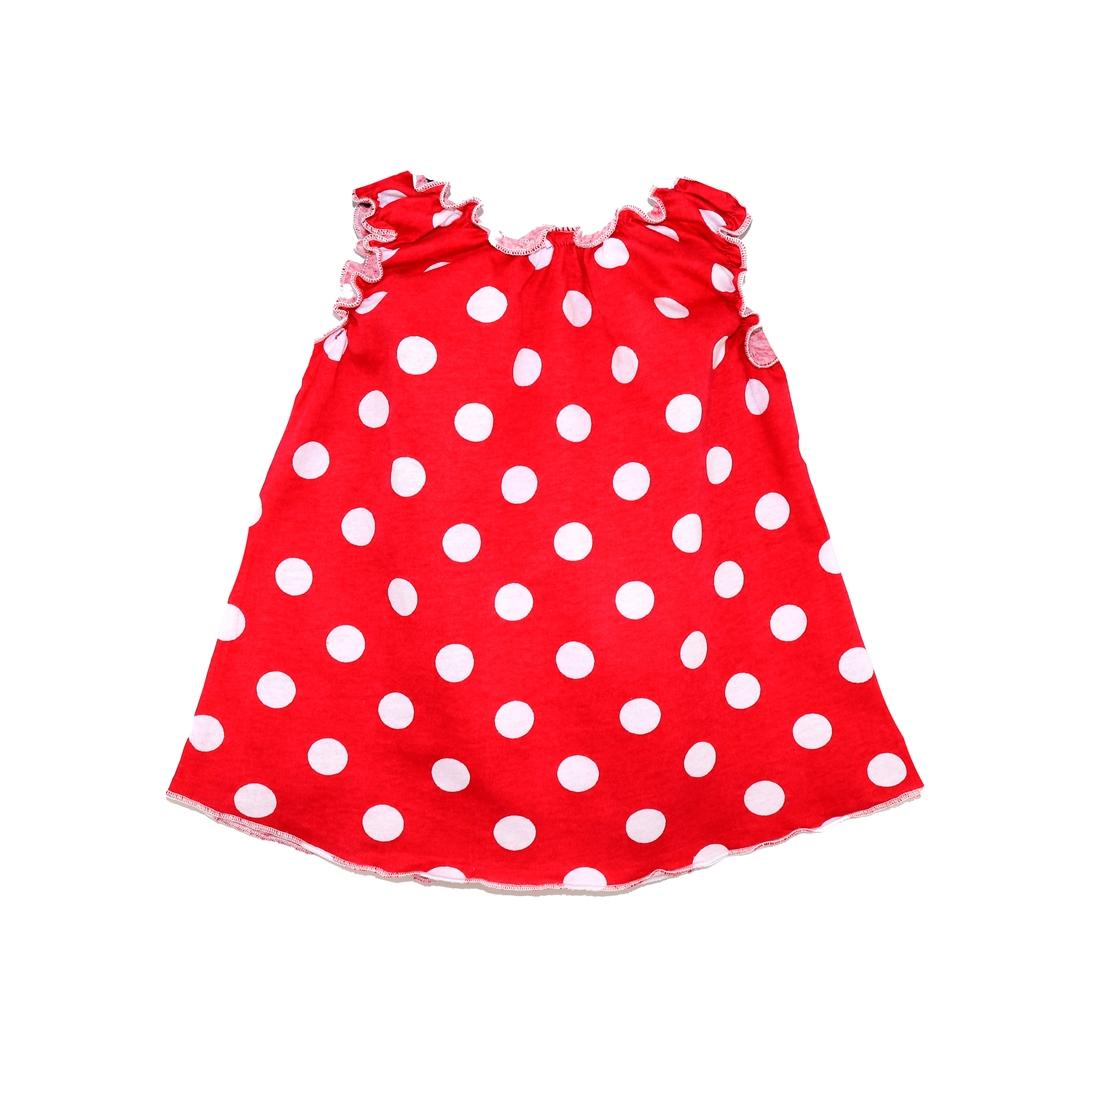 108К, Майка детская Юлла, цв. красный р. 80, Детские футболки  - купить со скидкой